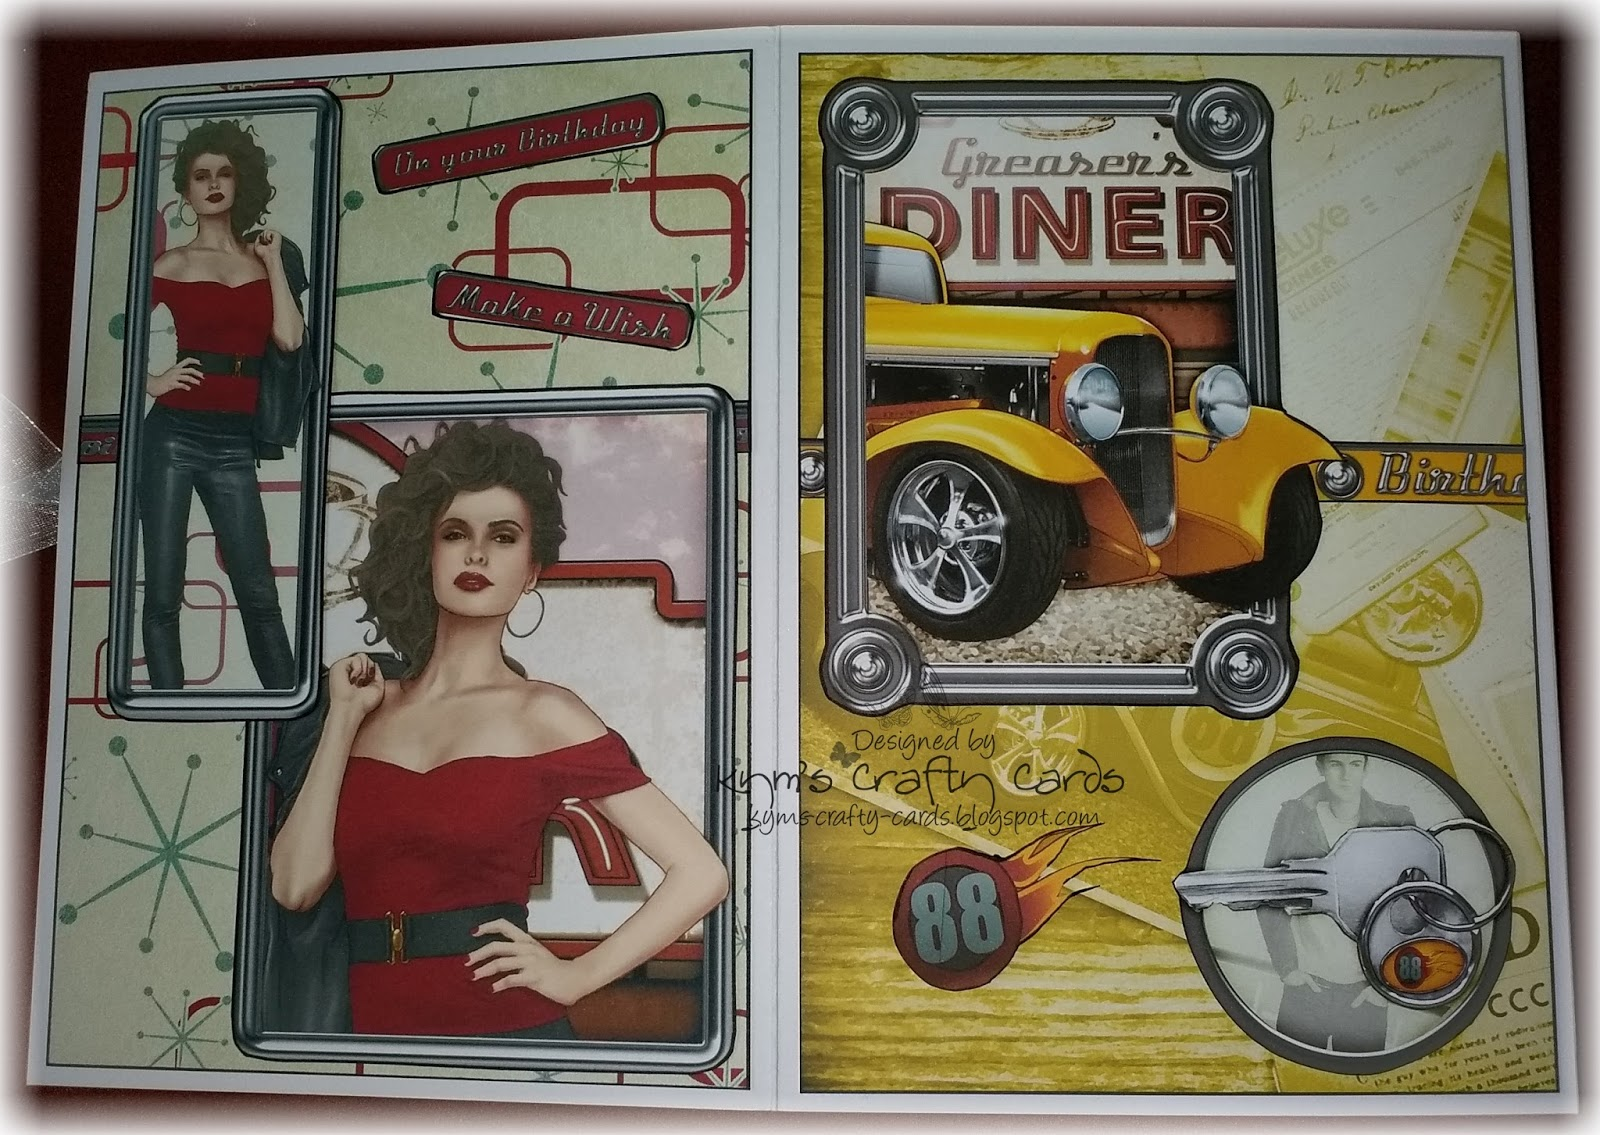 Kym S Crafty Cards Very Special Birthday Card